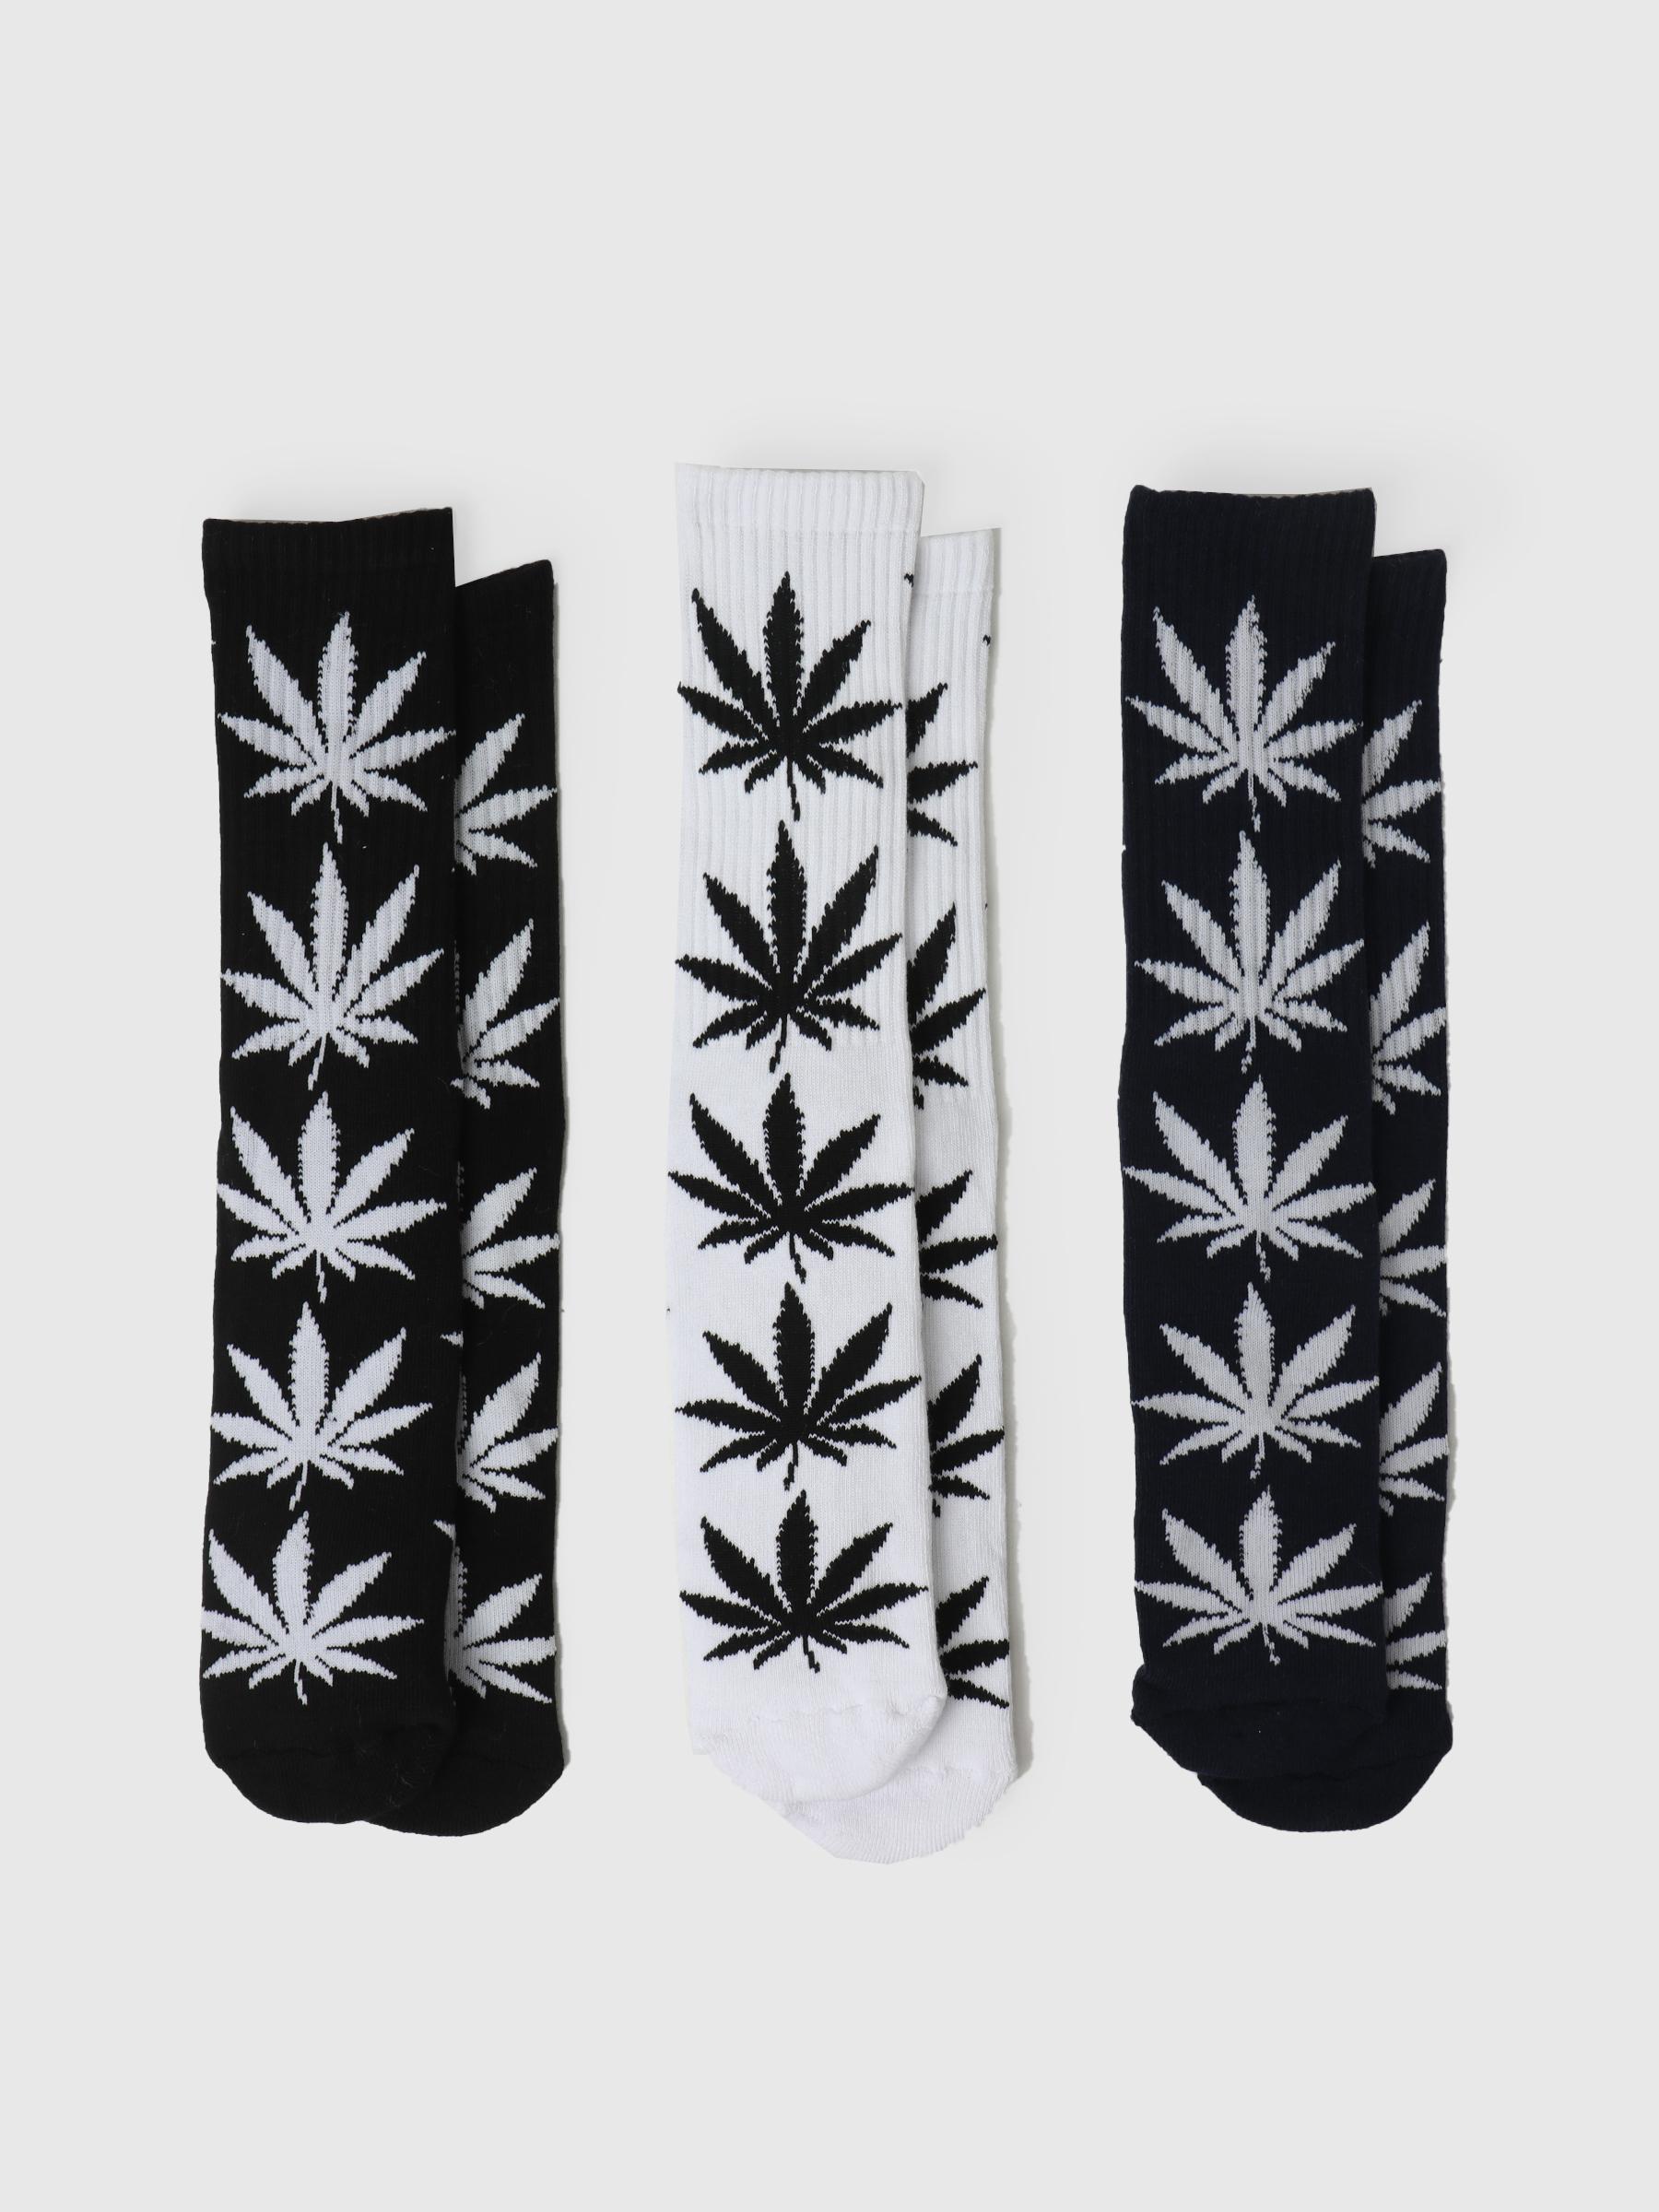 Essentials Plantlife Sock 3-Pack Black White Navy SK00465-BKWNV